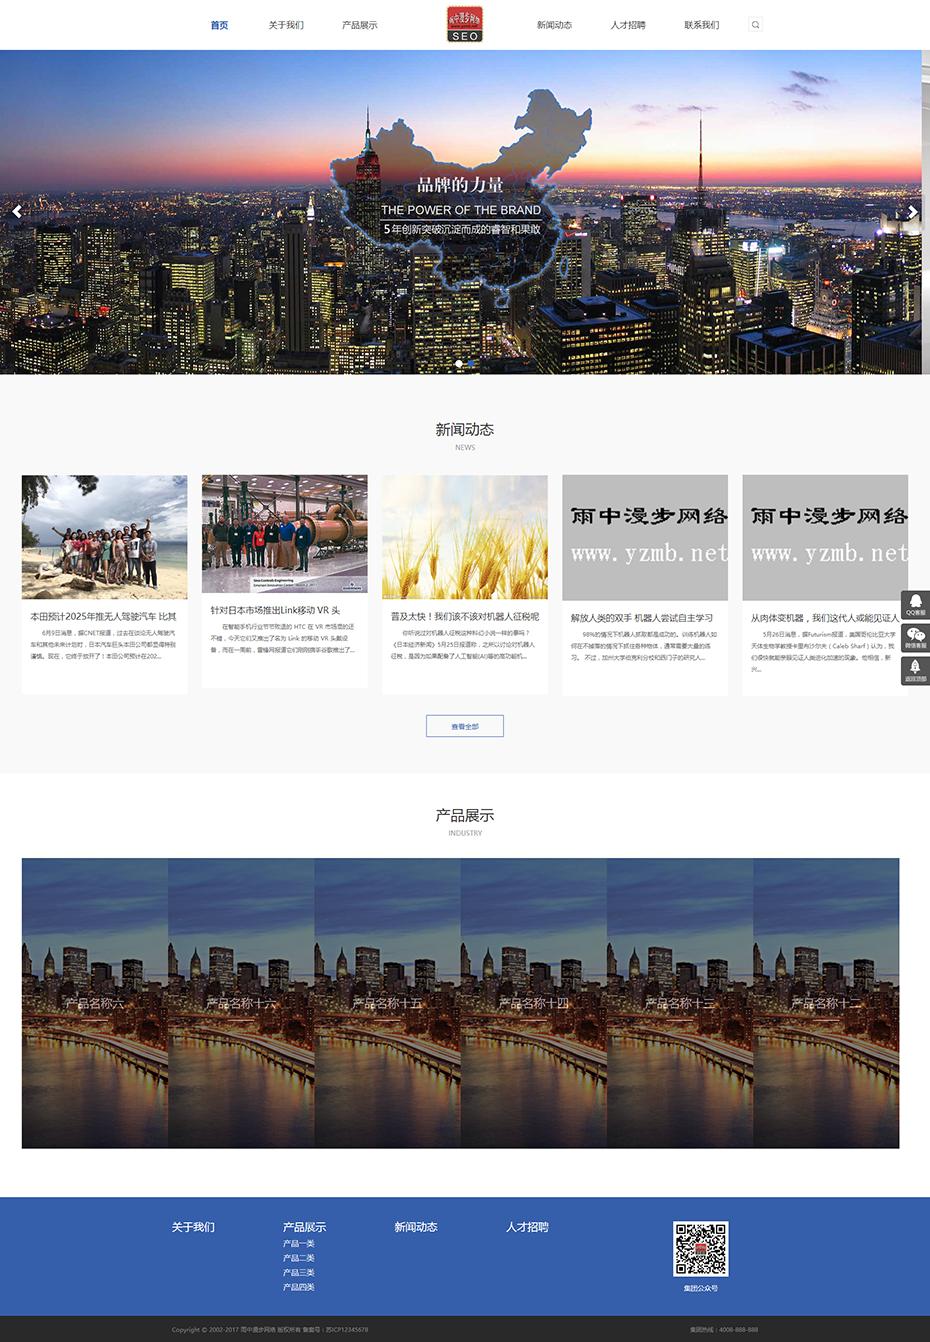 dede模板主题-(自适应手机版)响应式企业集团通用类网站织梦模板 第2张